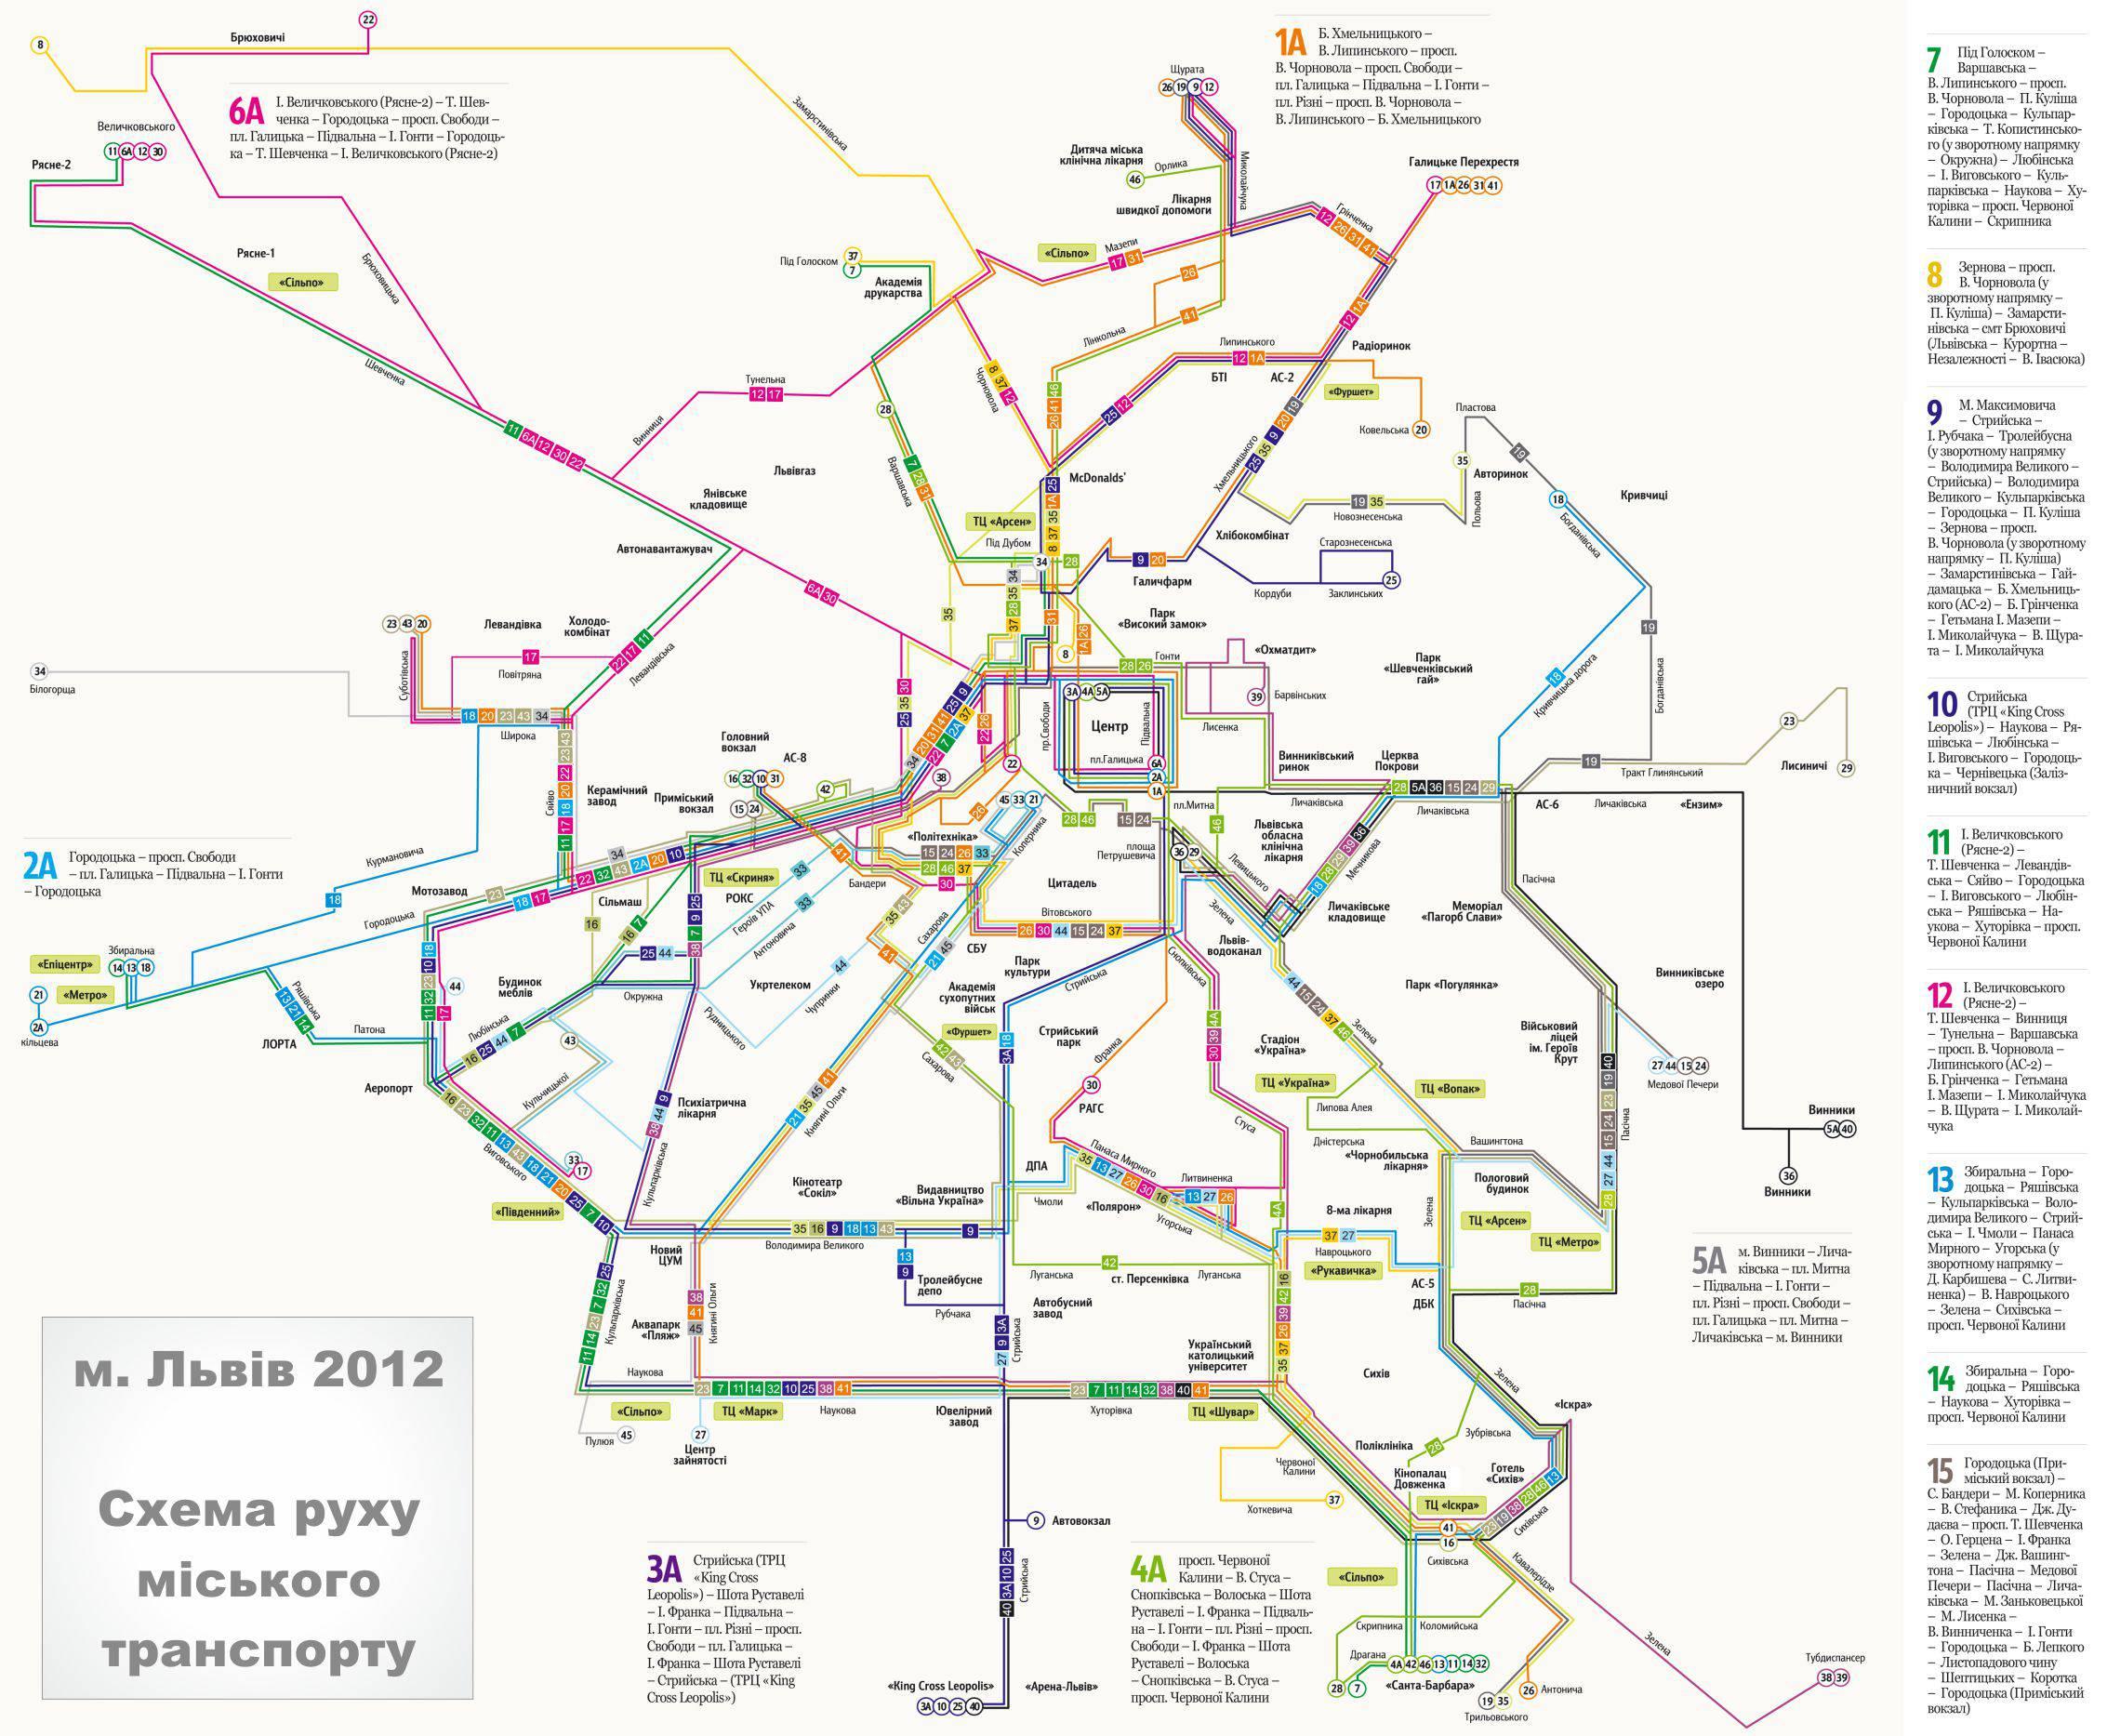 Львов схема общественного транспорта